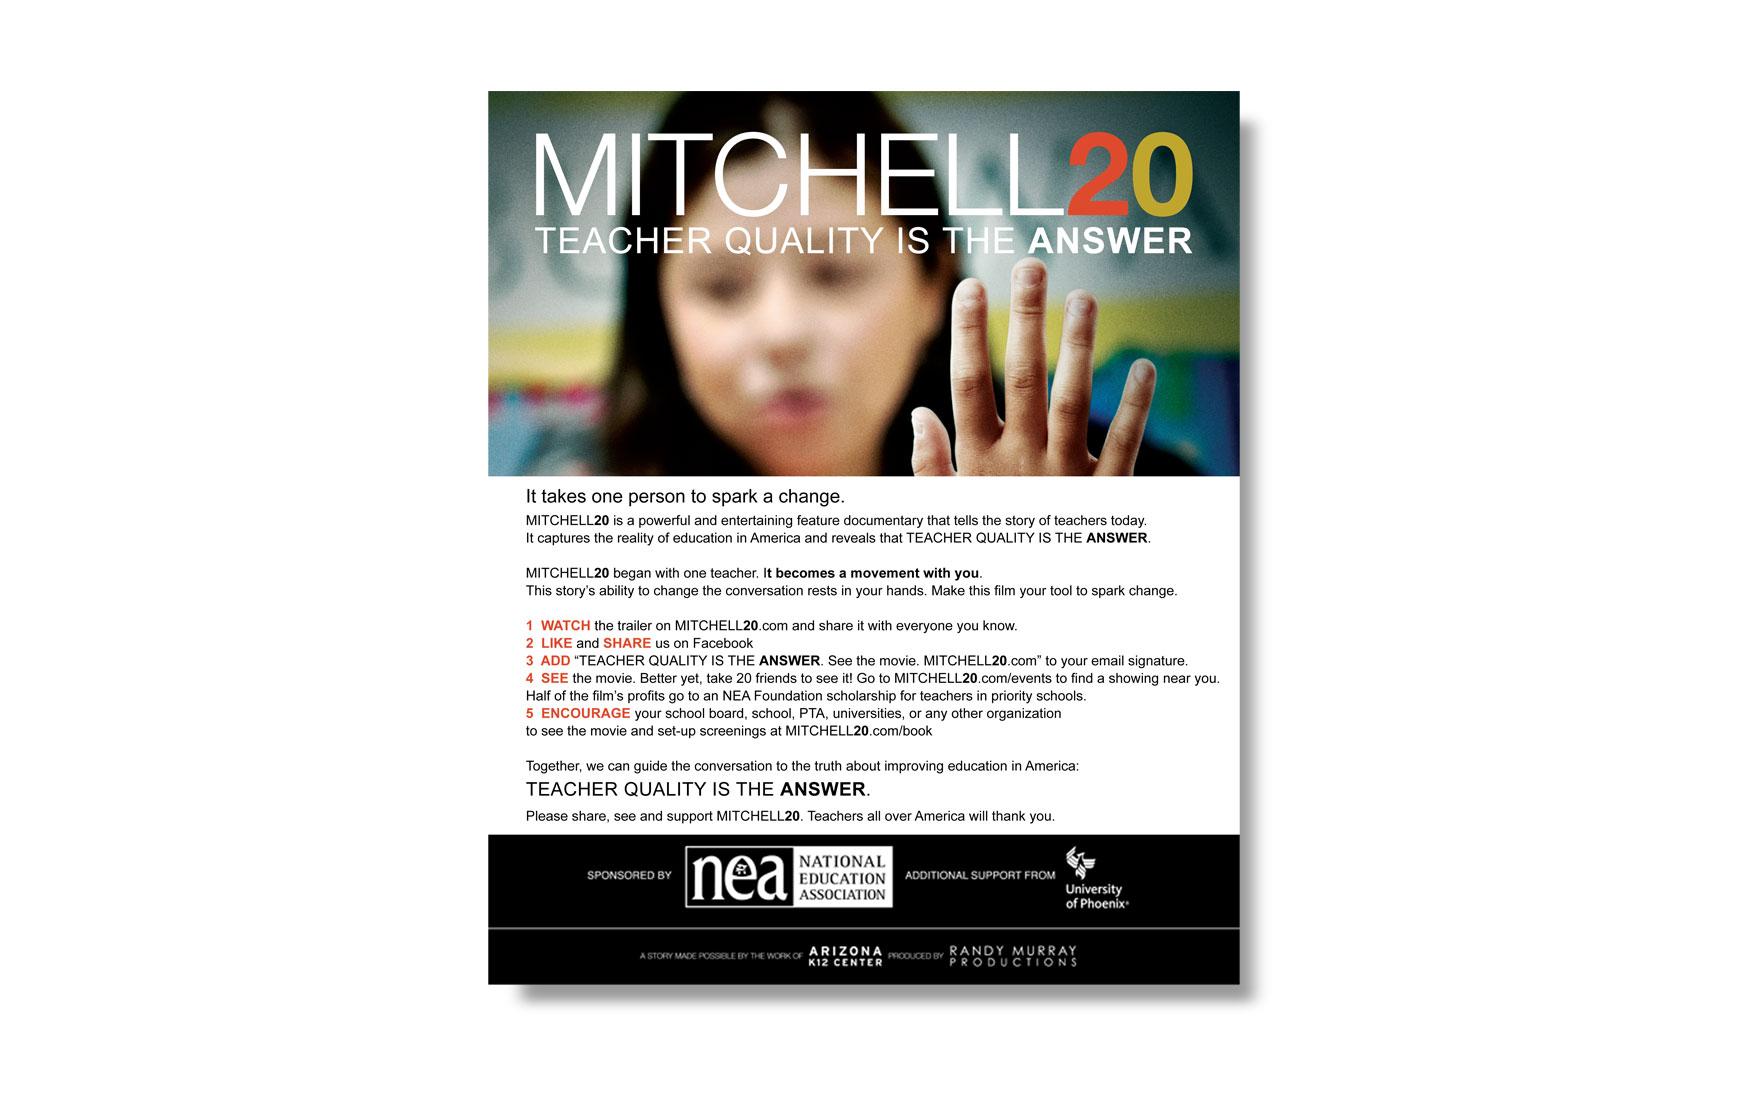 Mitchell 20 Email Blast